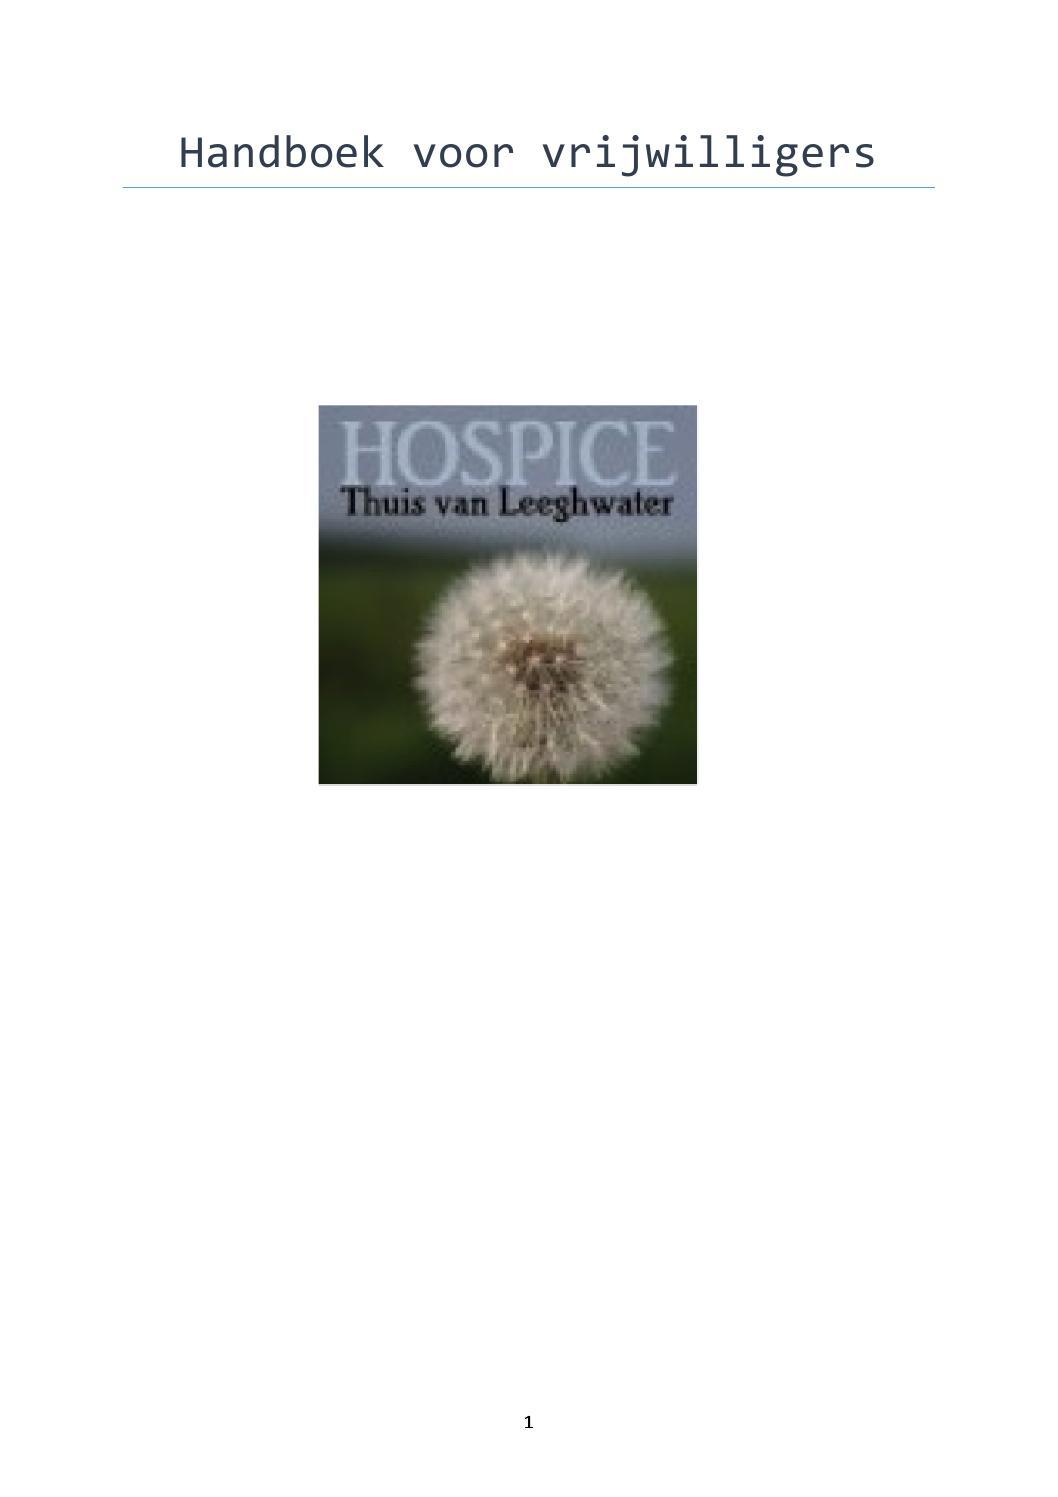 handboek voor vrijwilligers januari 2015 by hospice